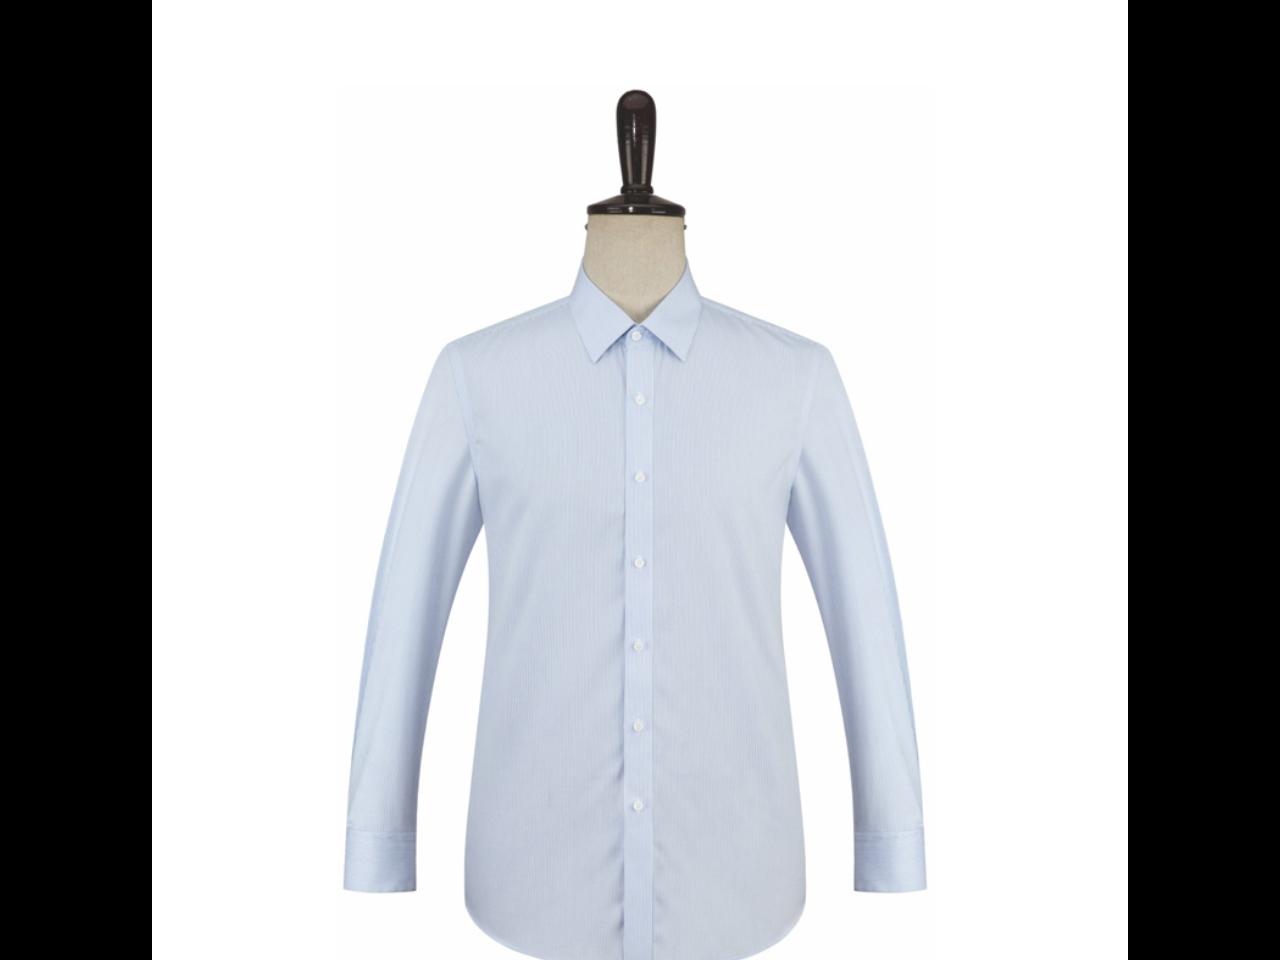 常州商務職業裝定做供應商家「 蘇州德思凱服飾科技供應」